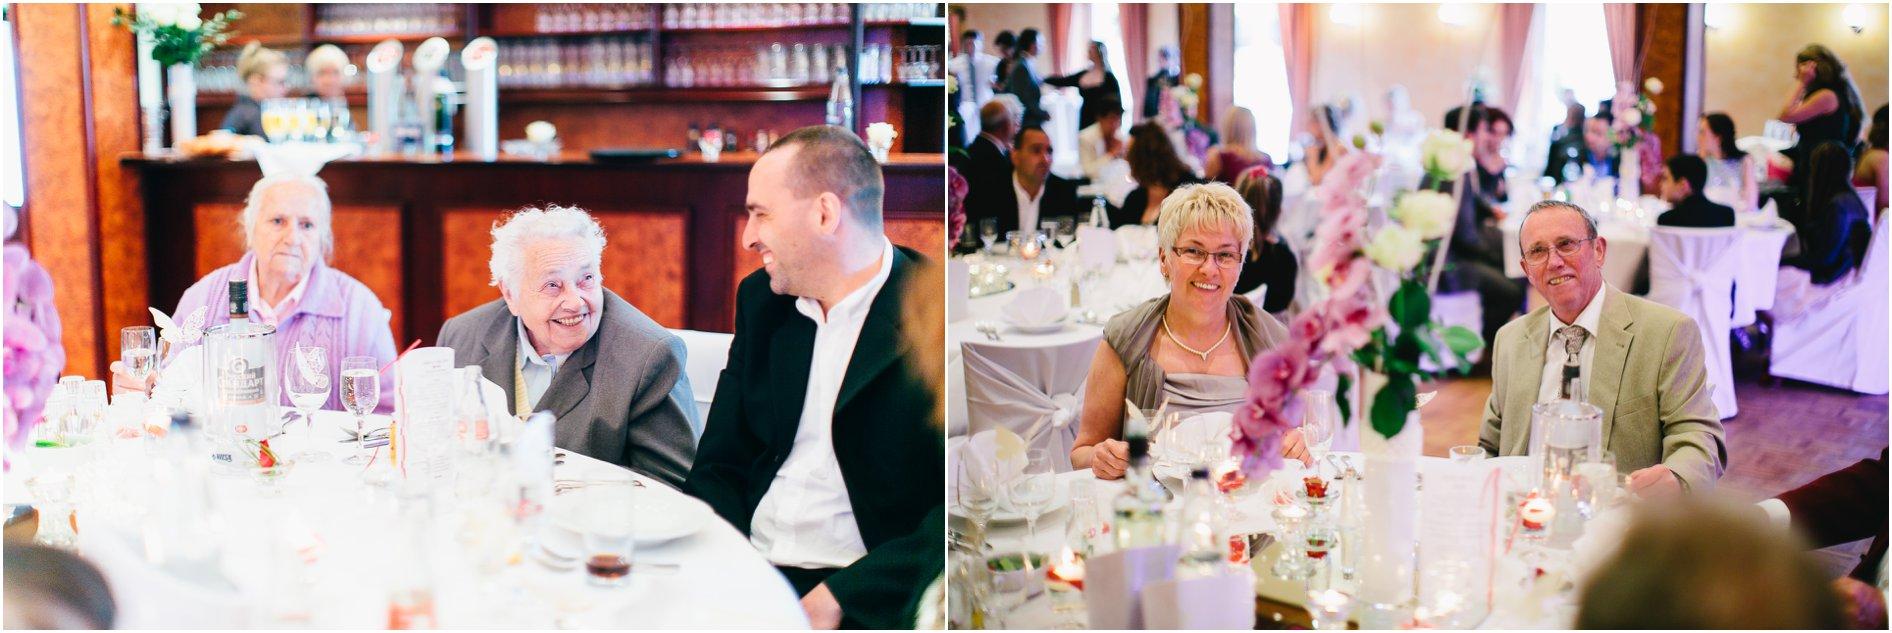 2014-07-16_0213 Anna & Igor - Hochzeitsfotograf in Bremen